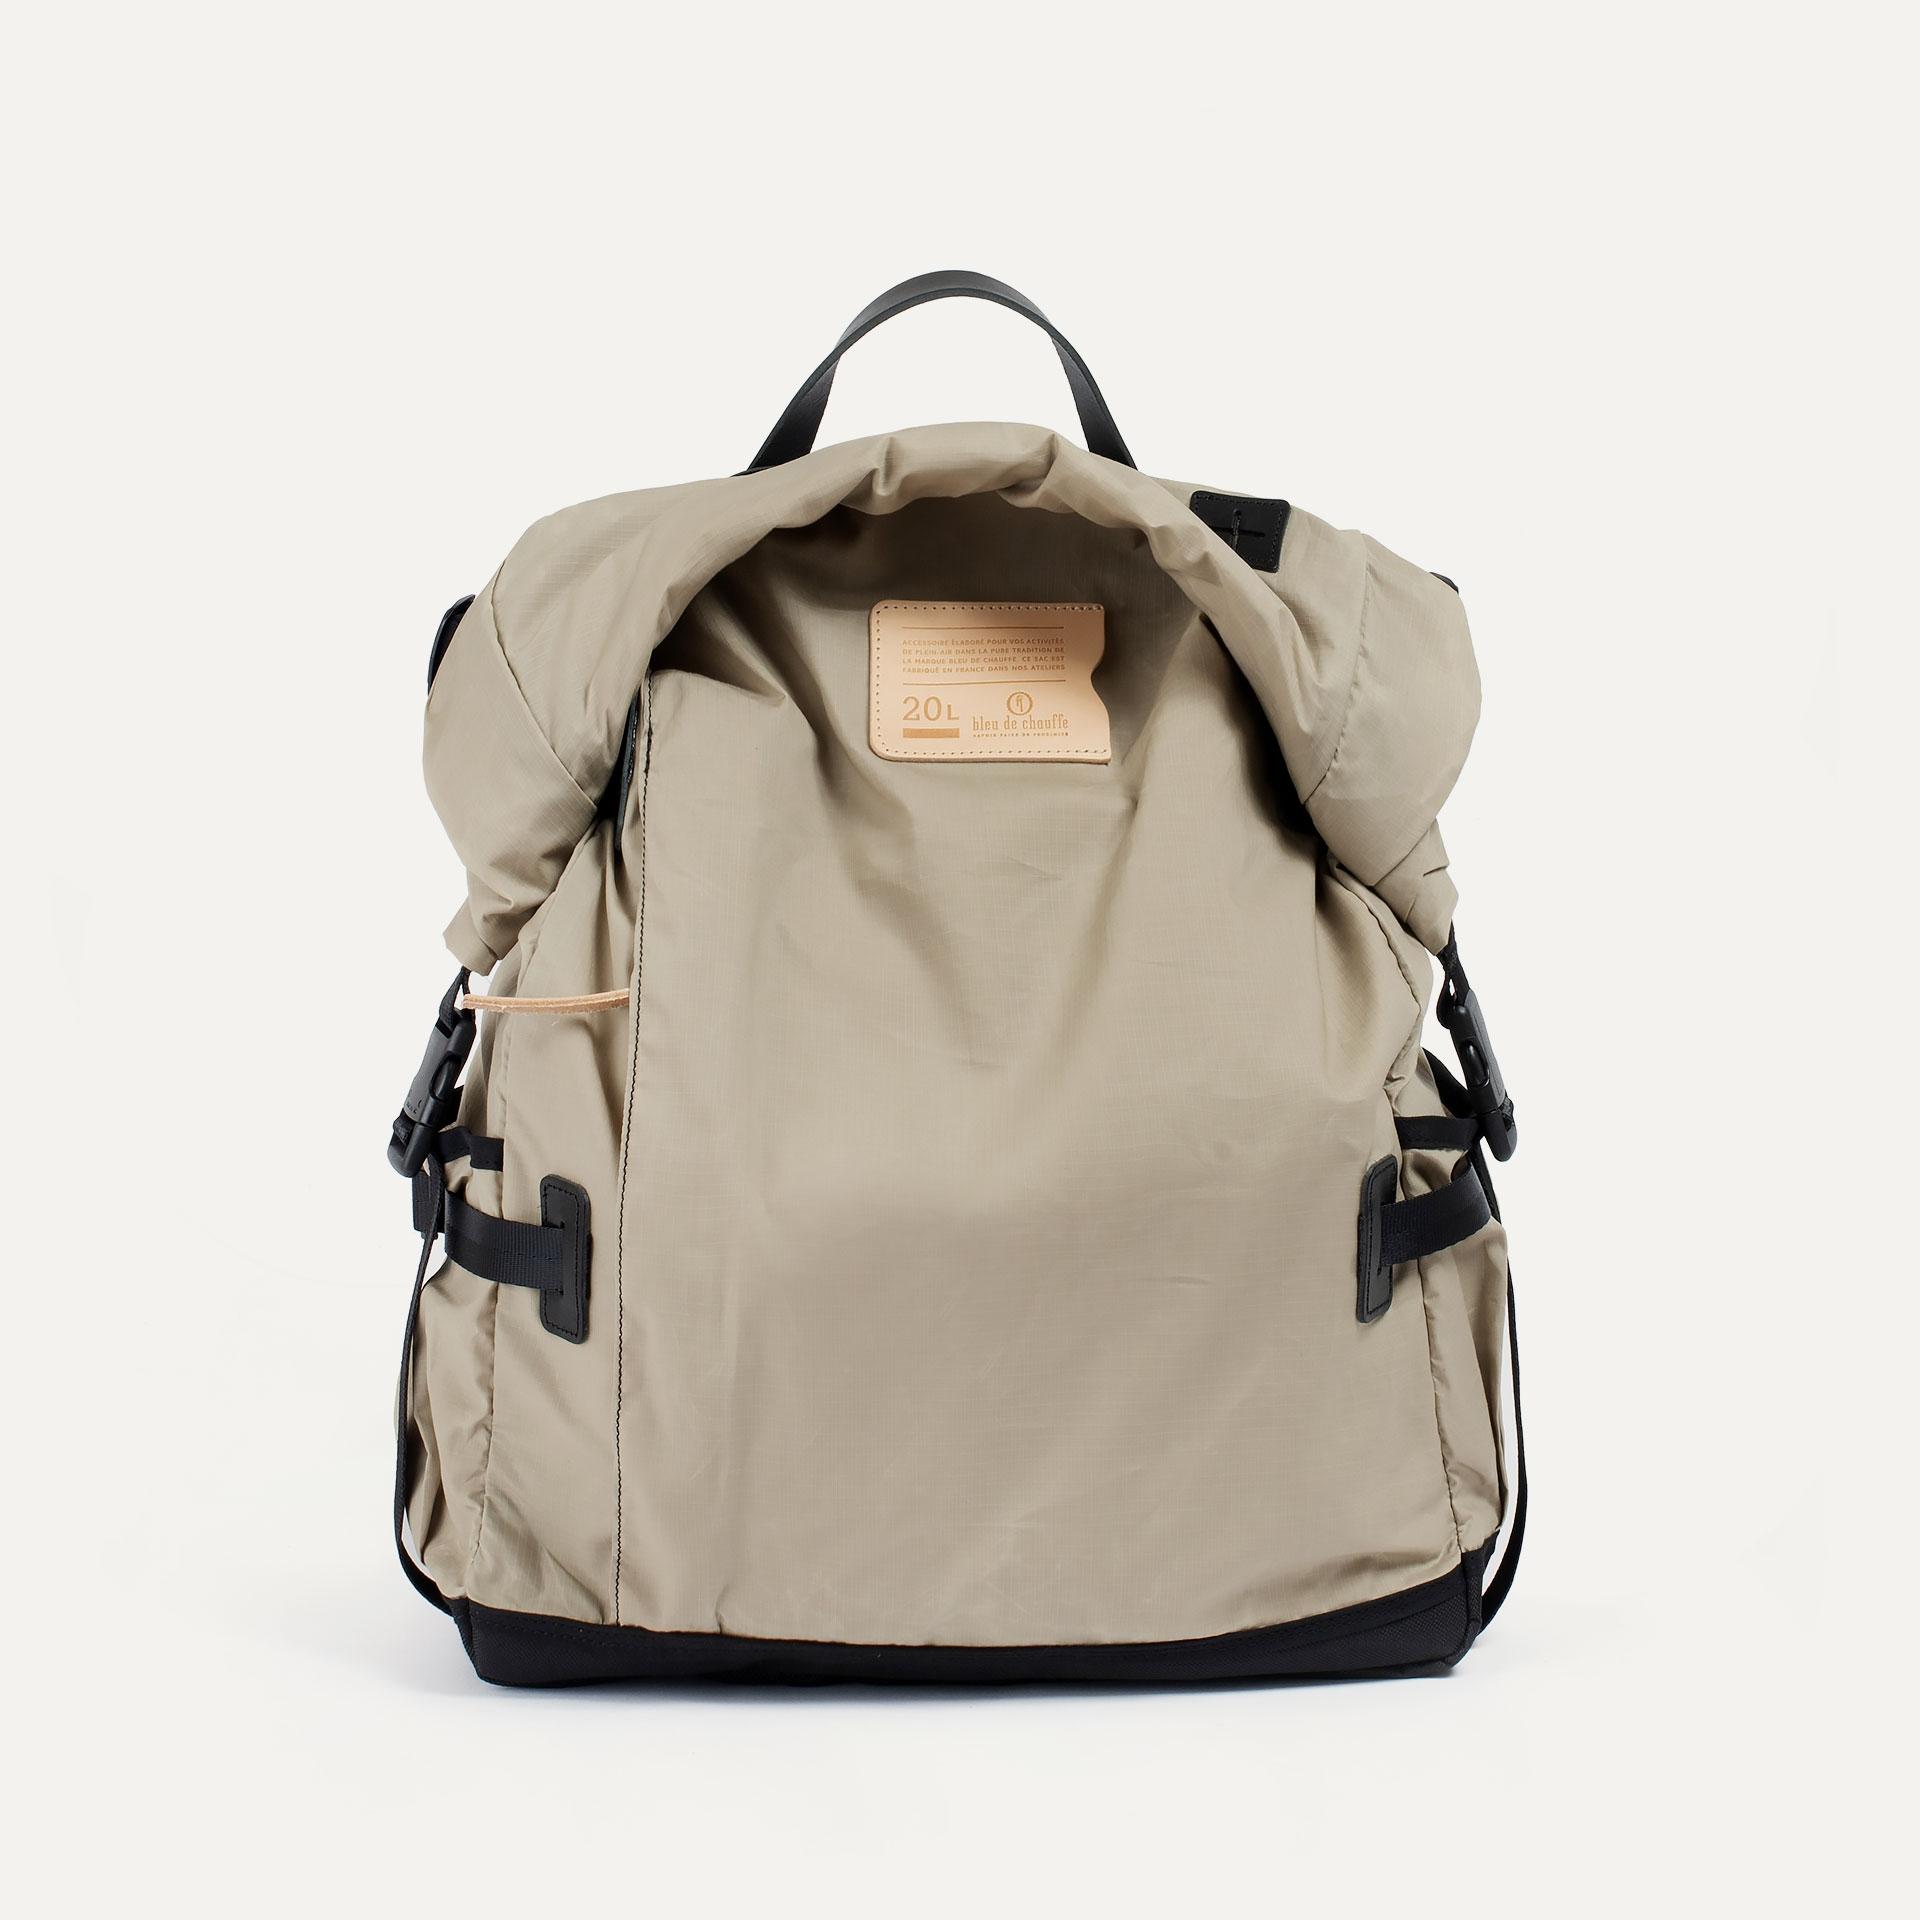 20L Basile Backpack - Beige (image n°1)